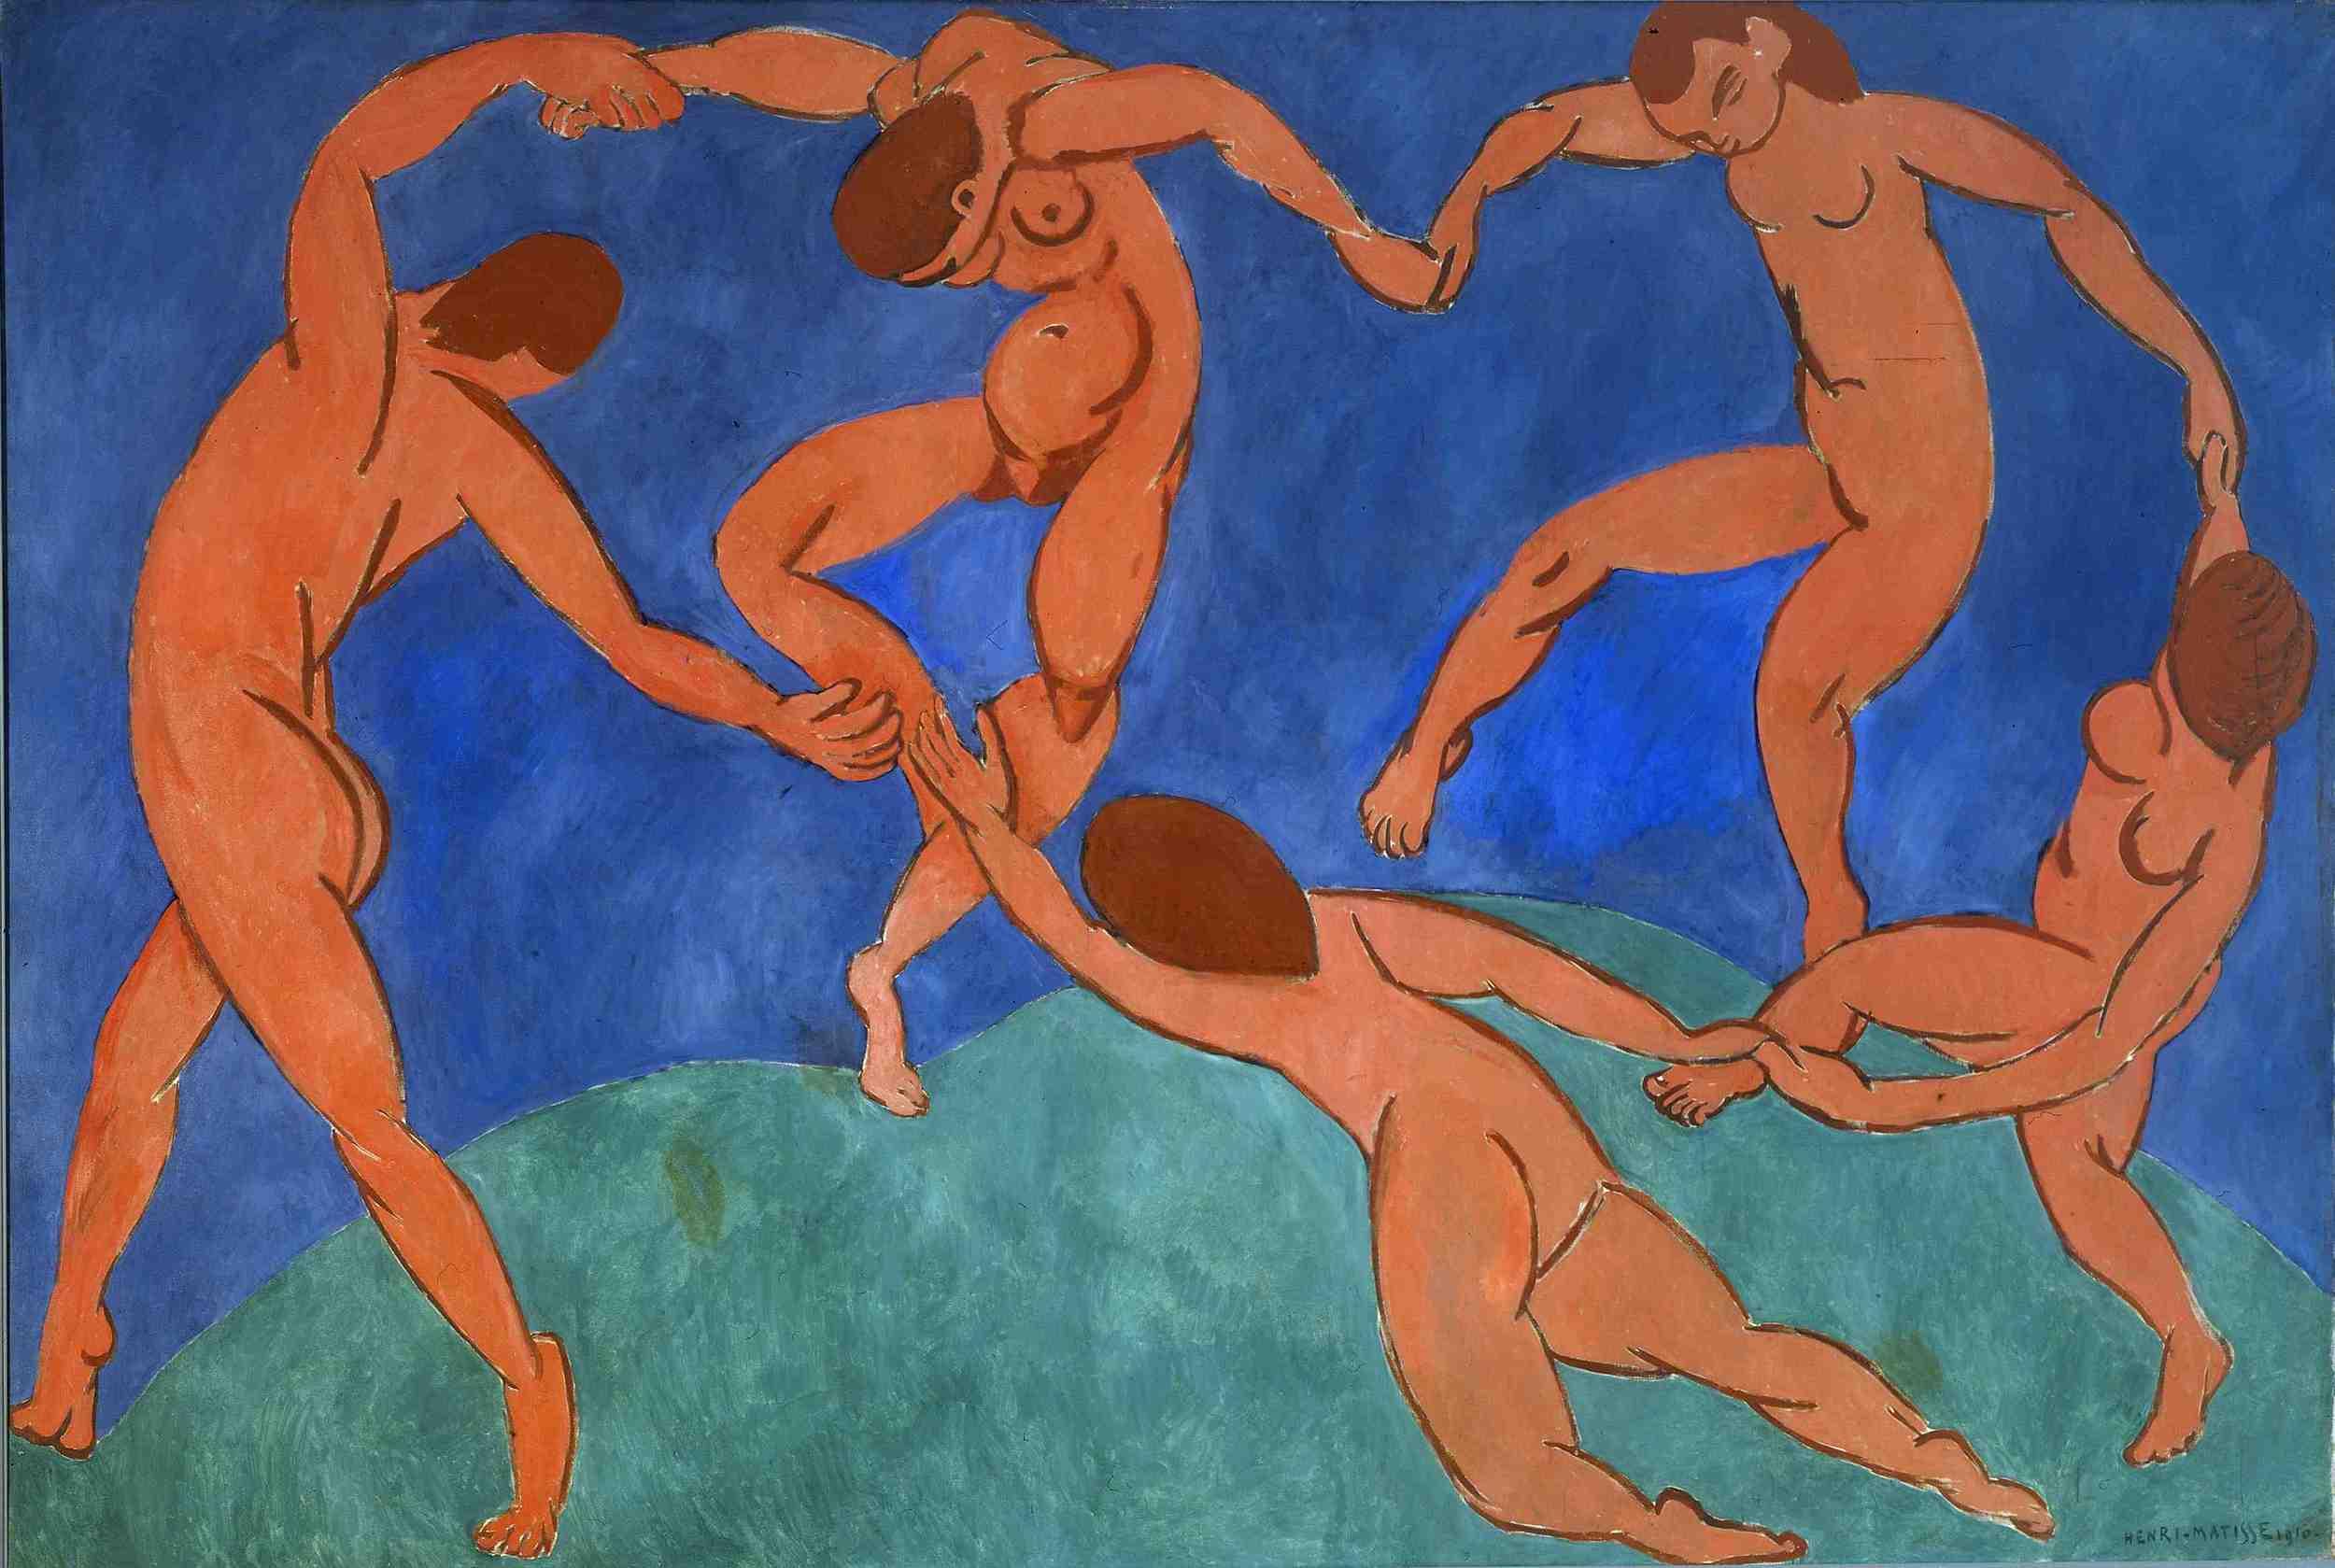 Matisse, La Danse II, 1932